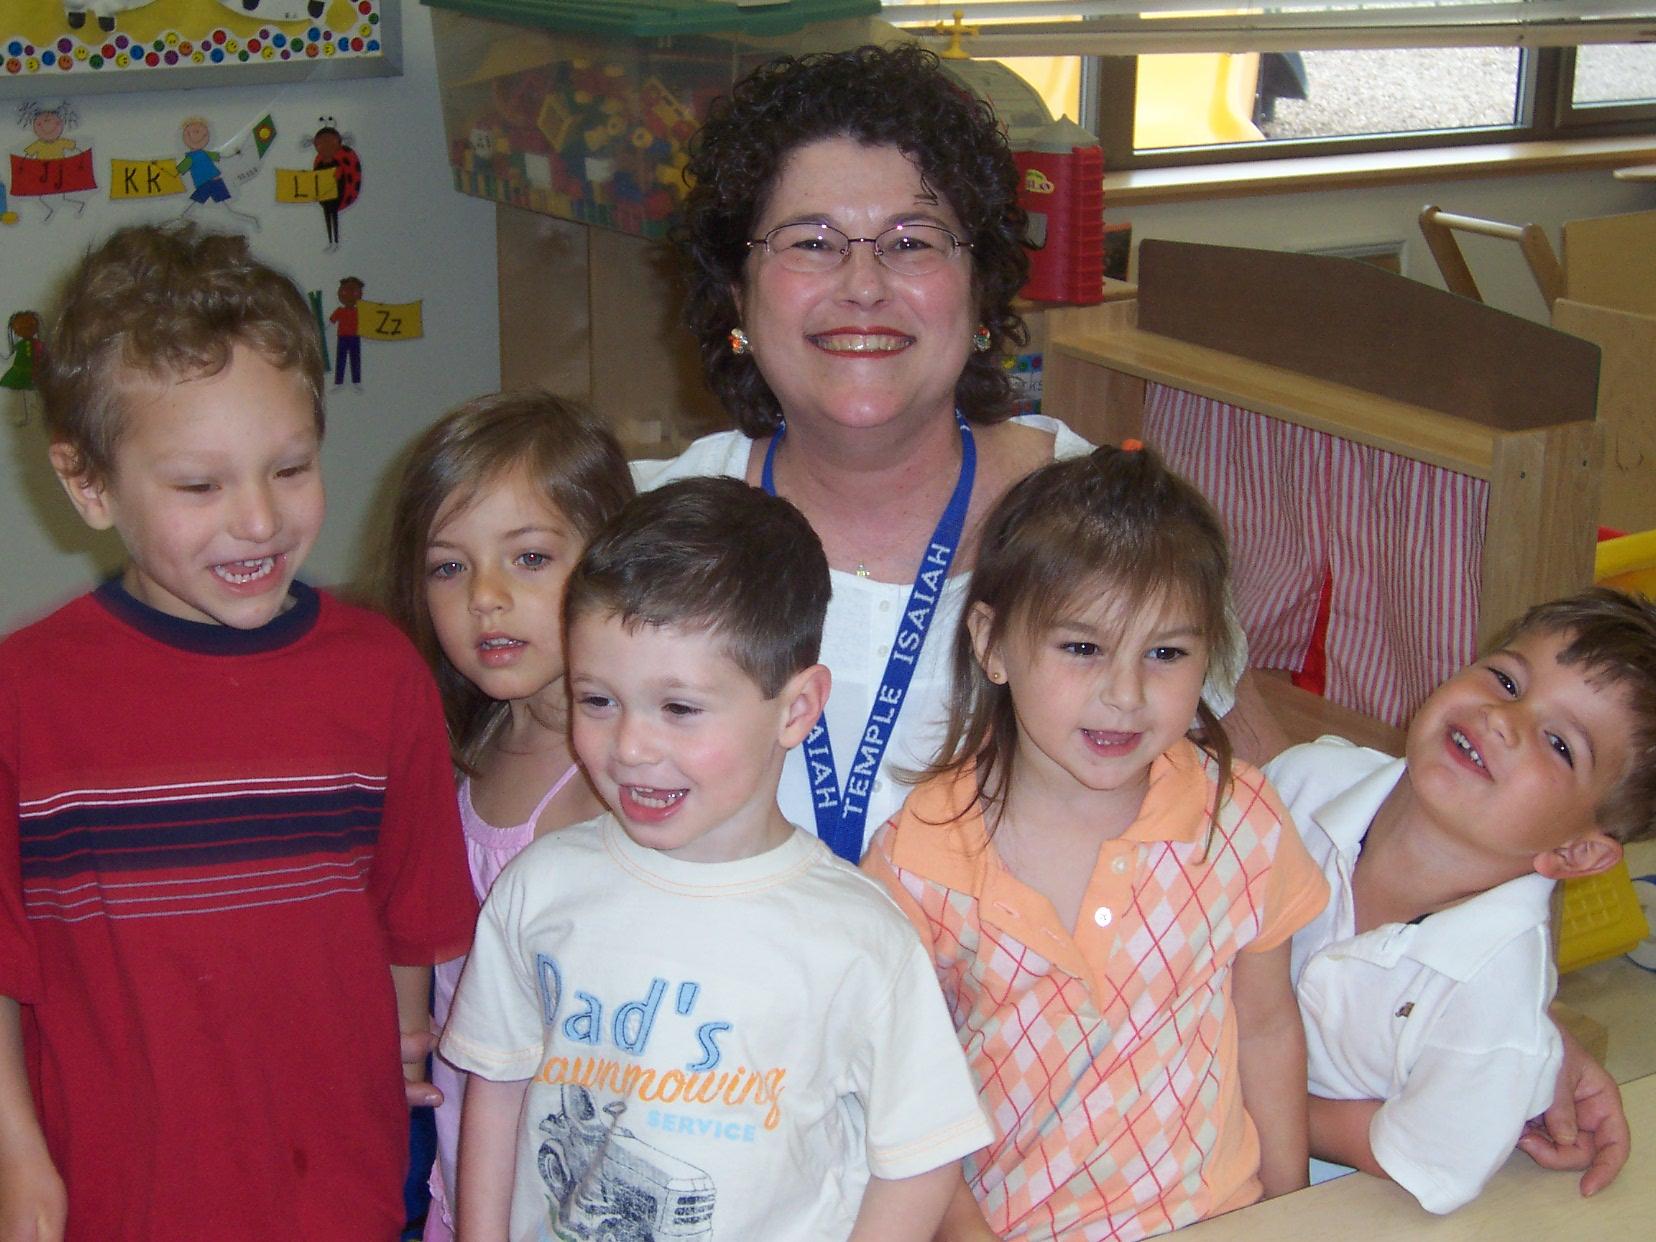 Renee and preschoolers